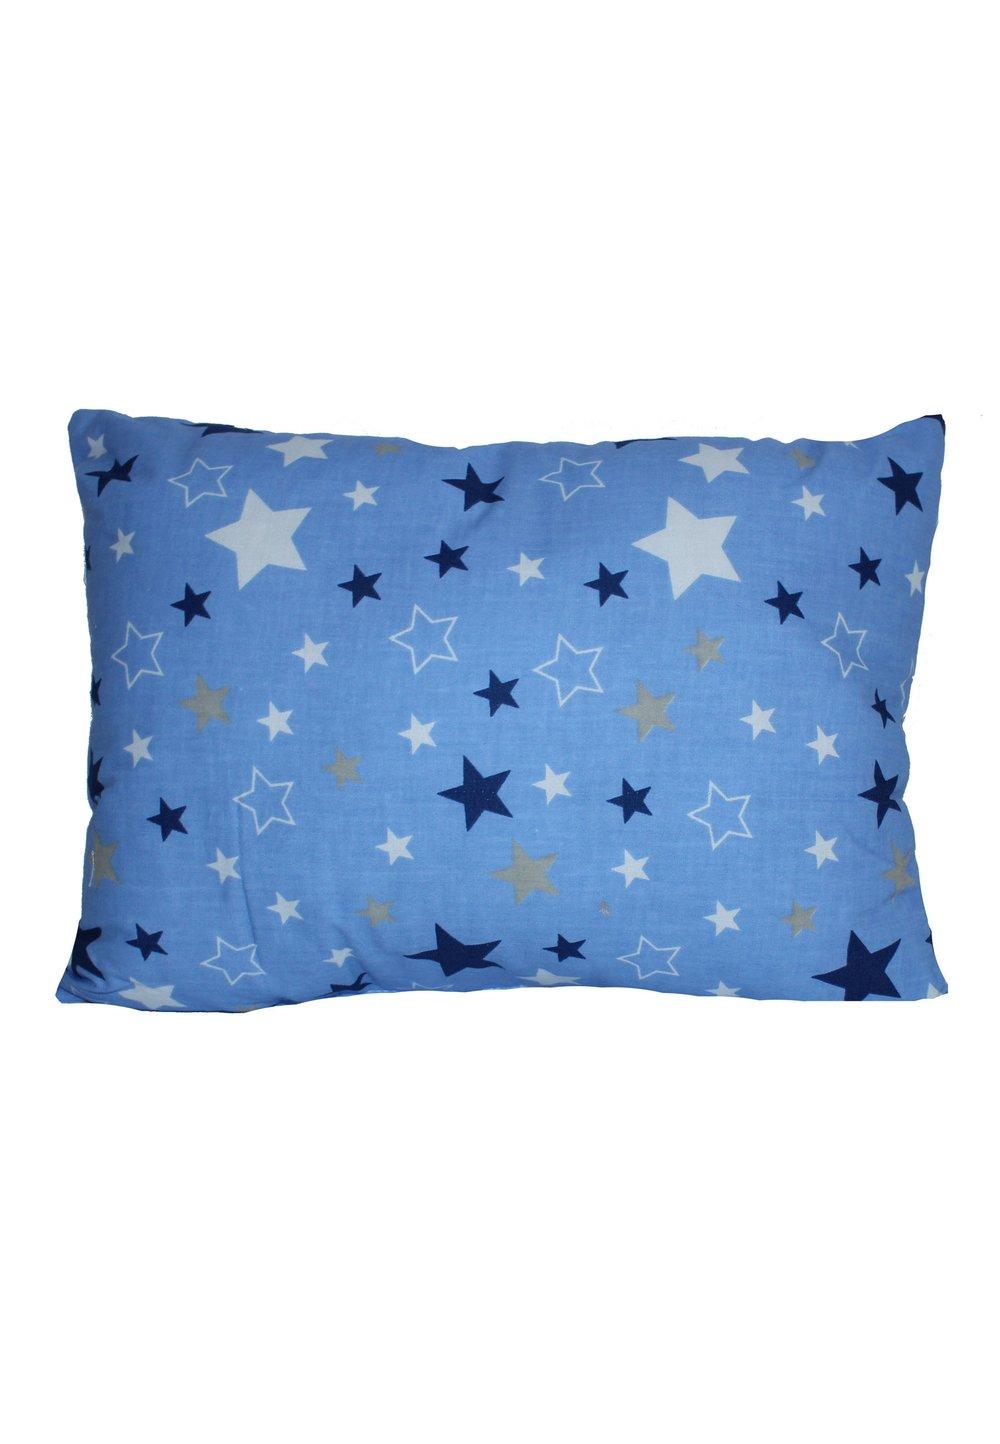 Perna, doua fete, stelutele albastre, 30 x 40 cm imagine